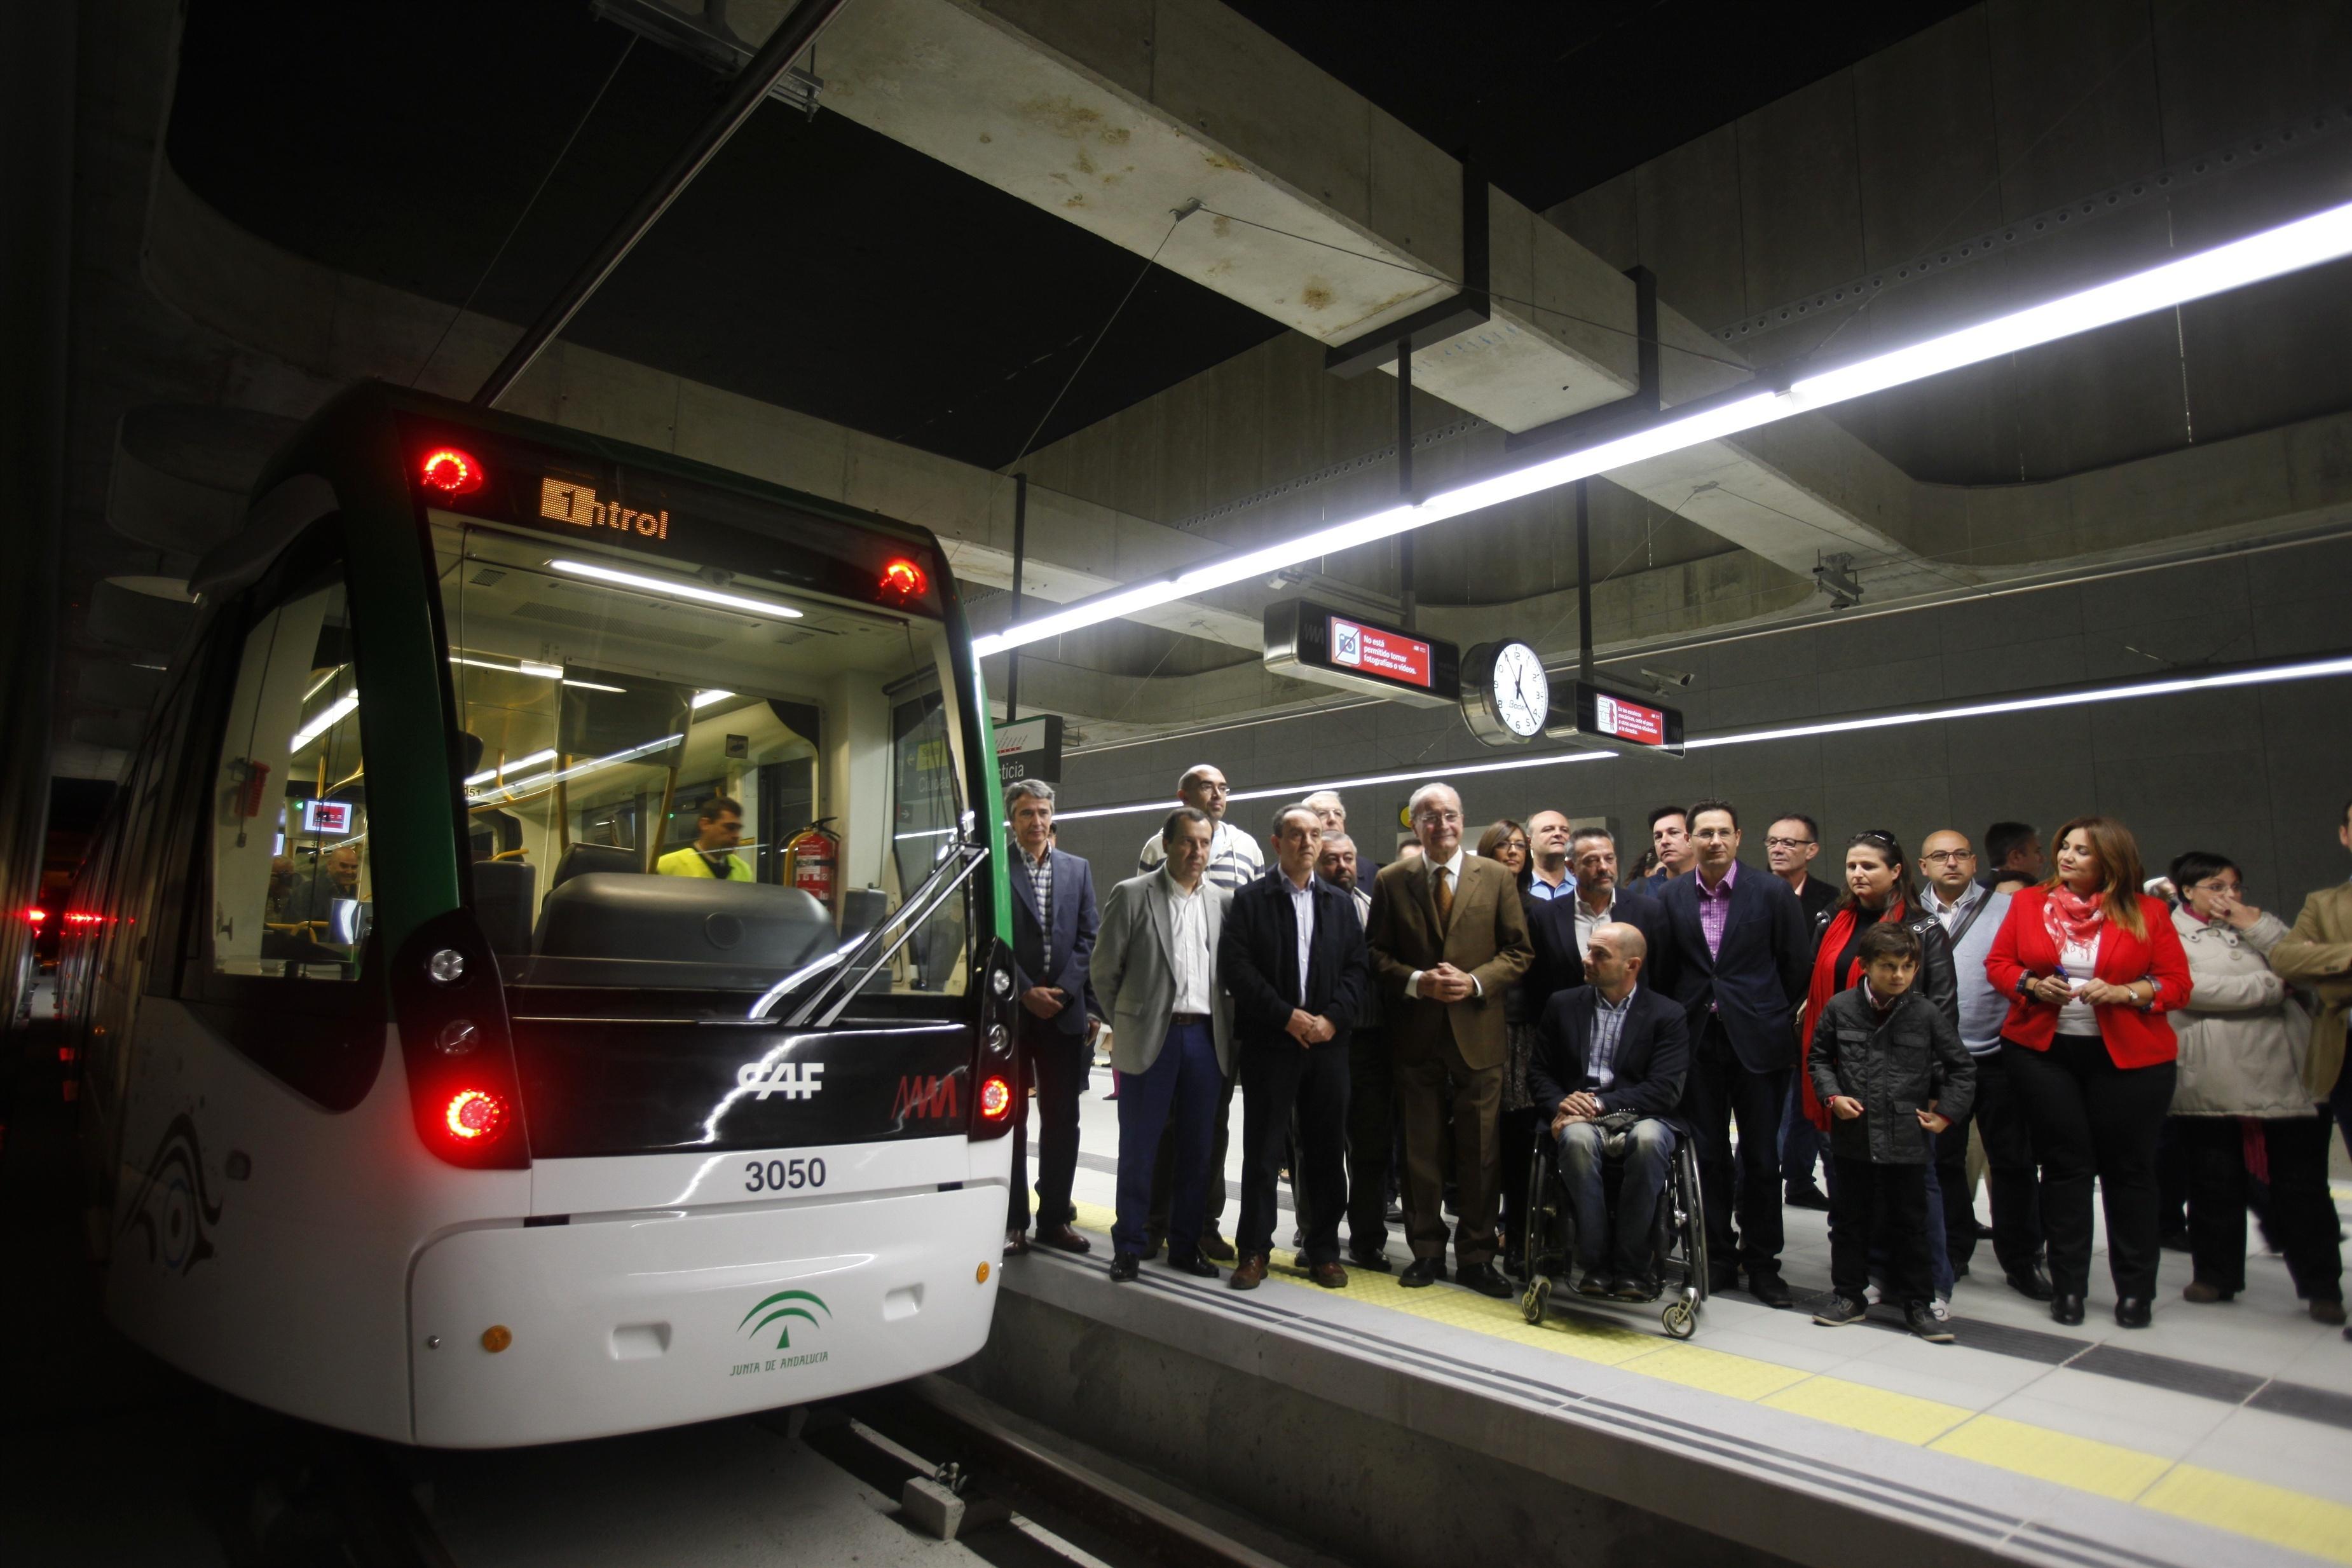 La reserva de plazas ofertadas para la jornada de pruebas con viajeros del metro alcanza el 92%